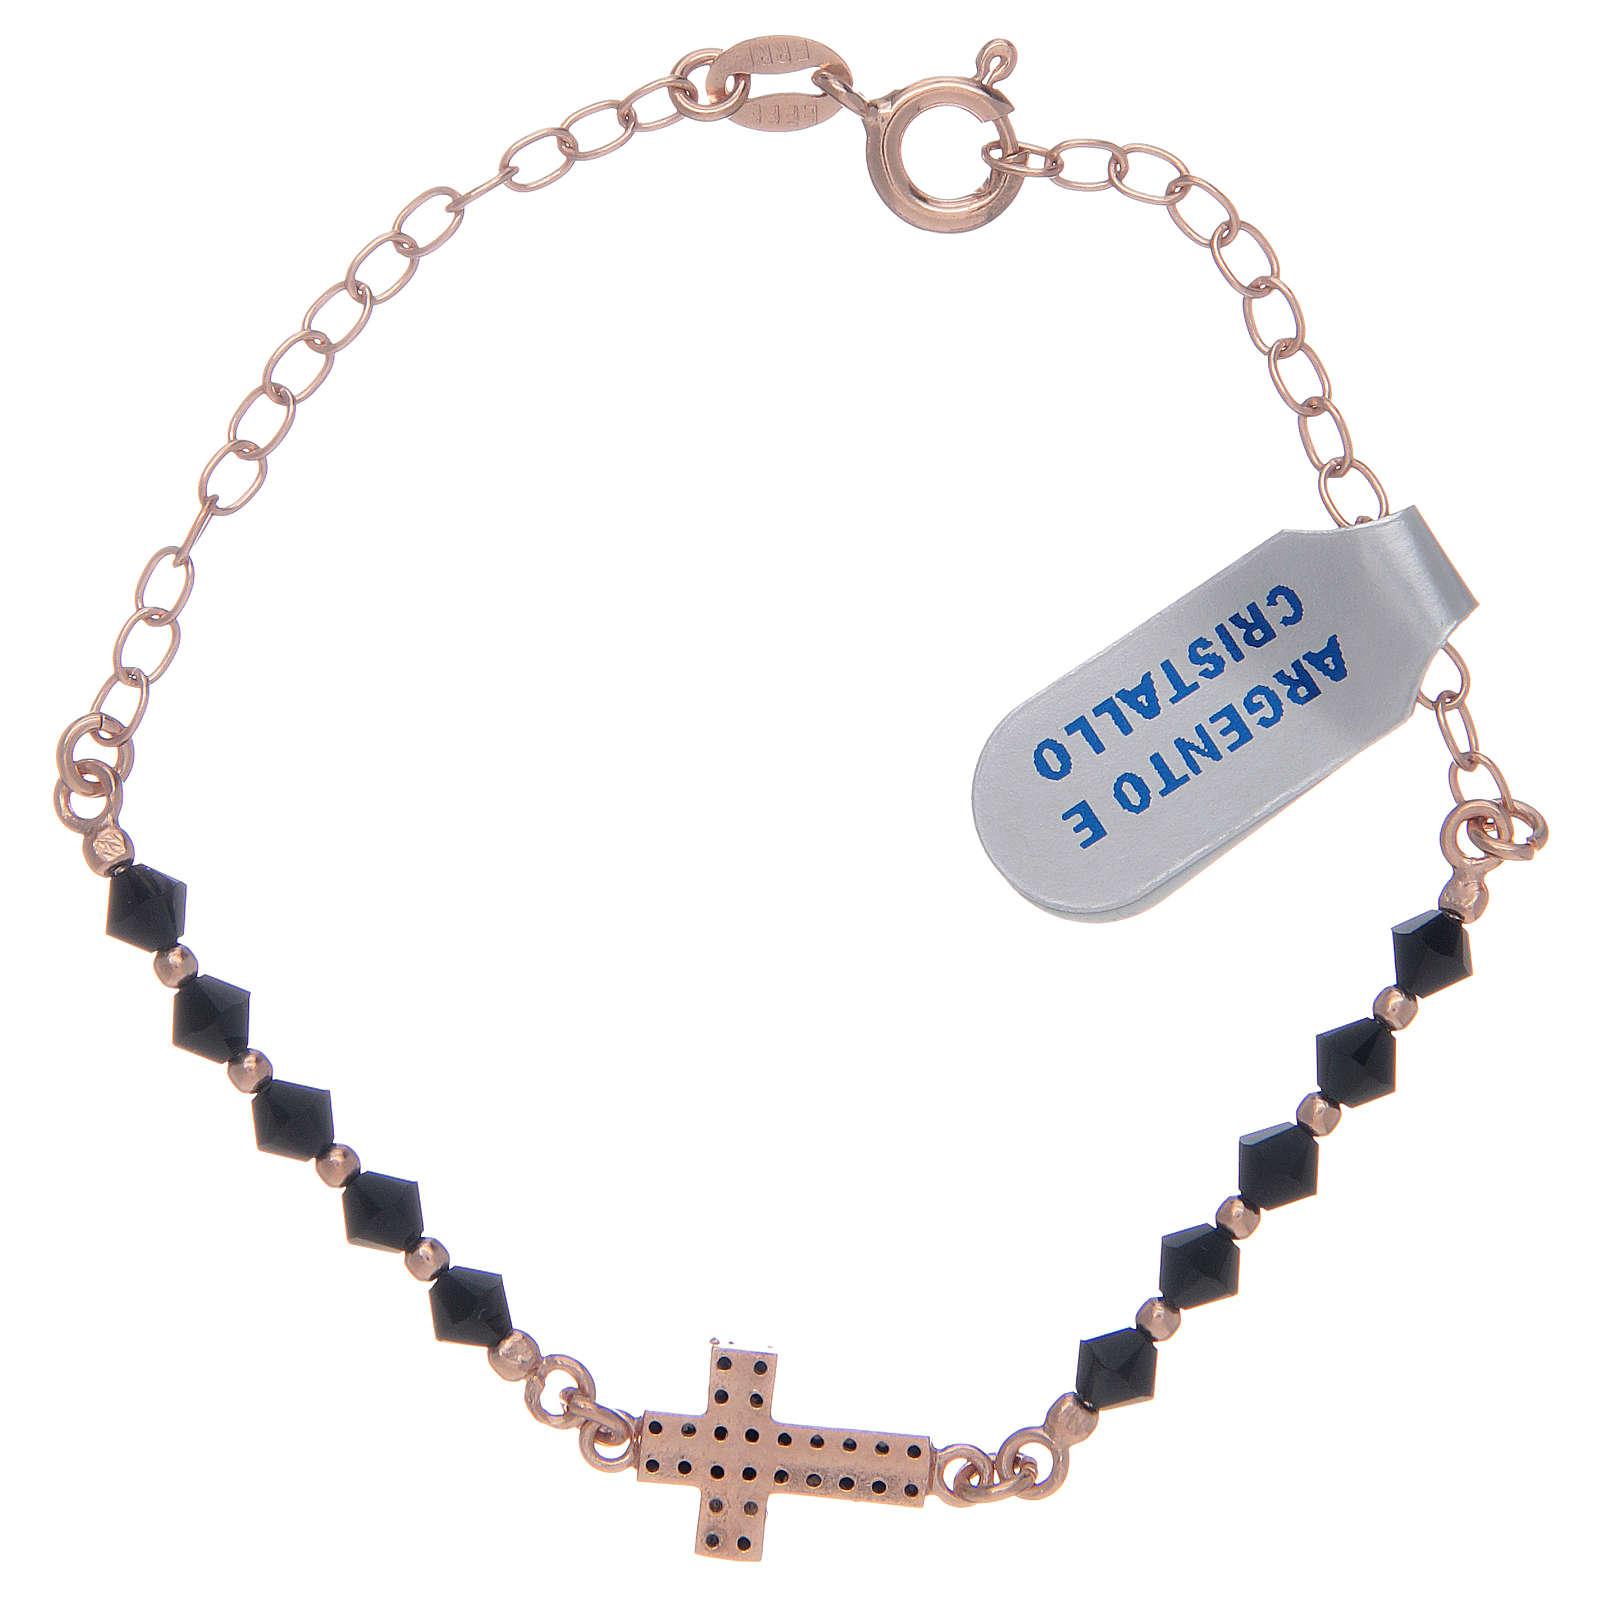 Decina in argento 925 rosato con zirconi di colore nero 4